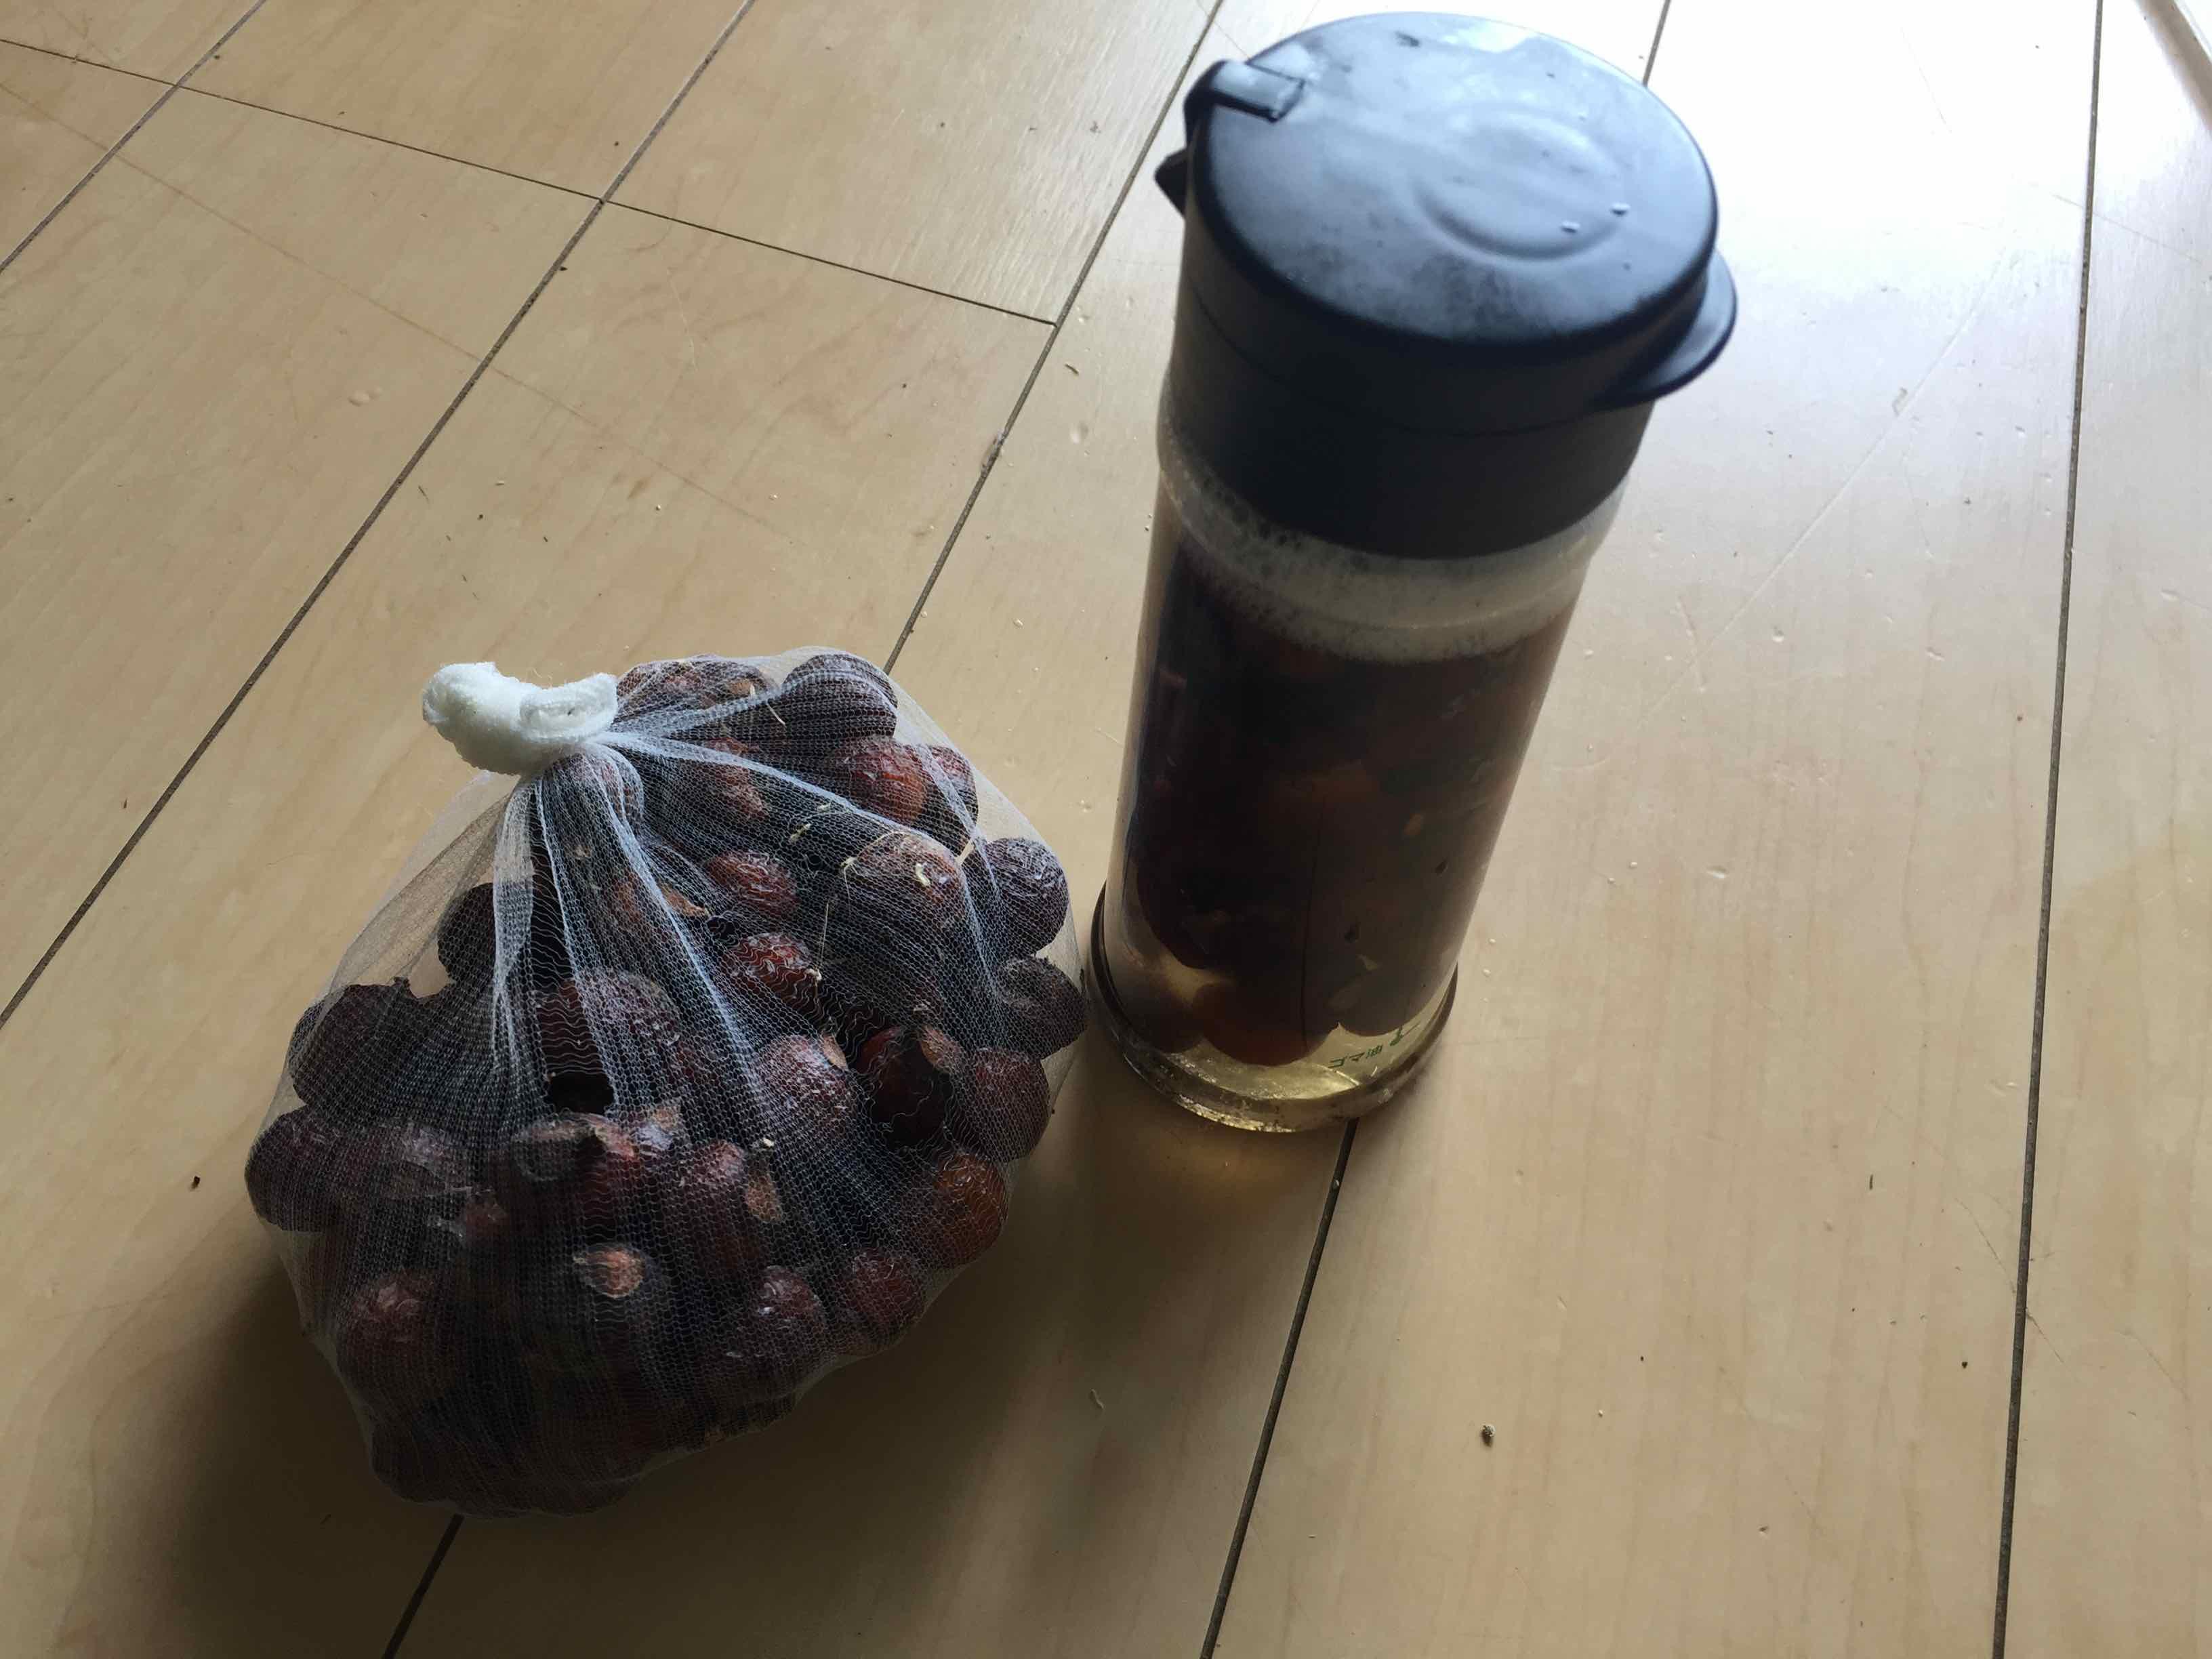 究極の自然素材 ソープナッツ ムクロジの木の実の石けんを使ってみた